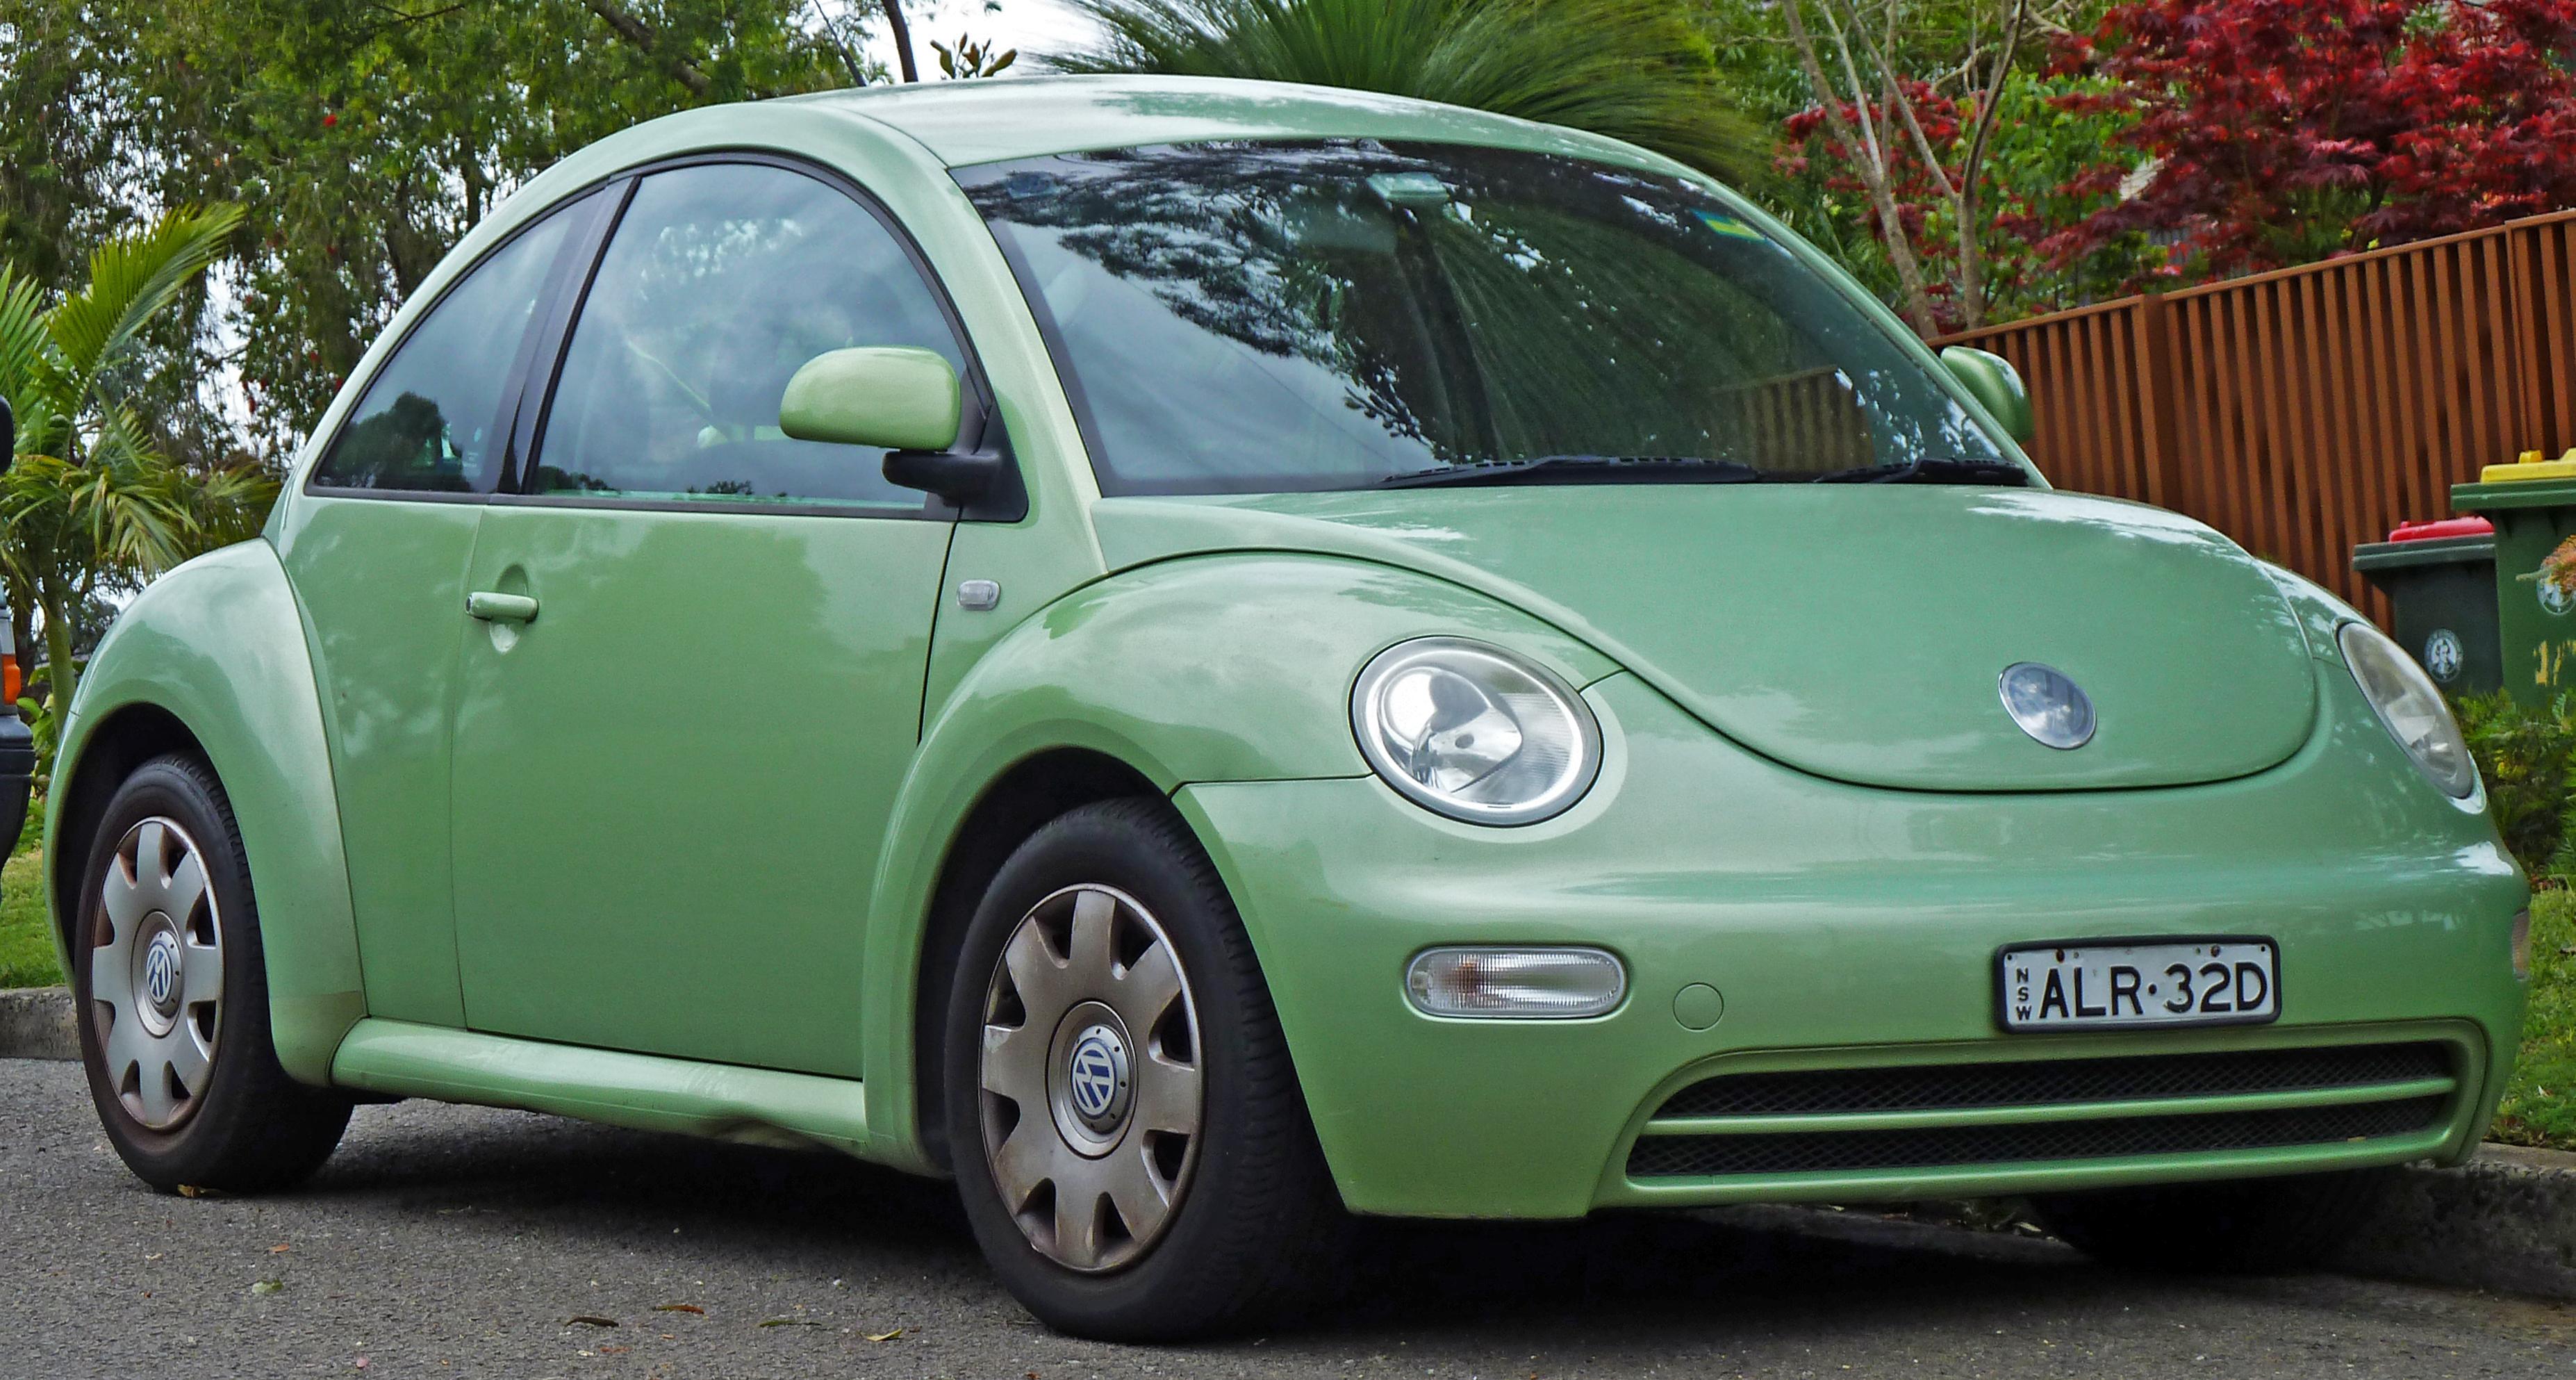 2005 Volkswagen New Beetle Image 14